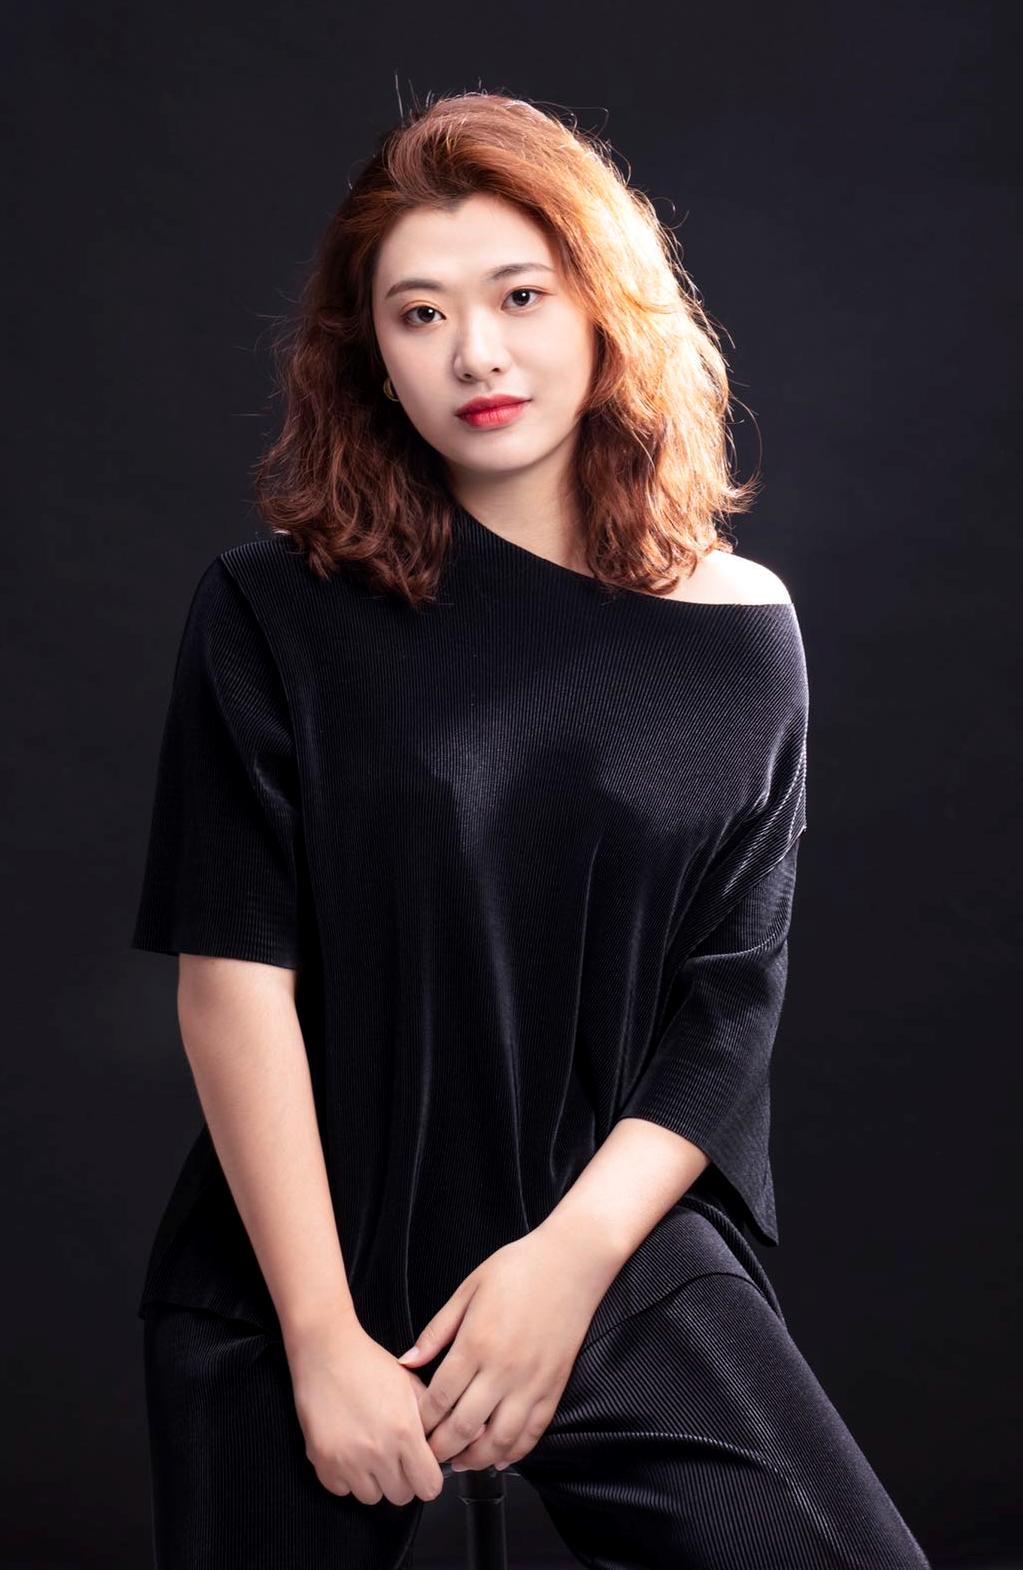 镇江尚层装饰设计师朱辰昱